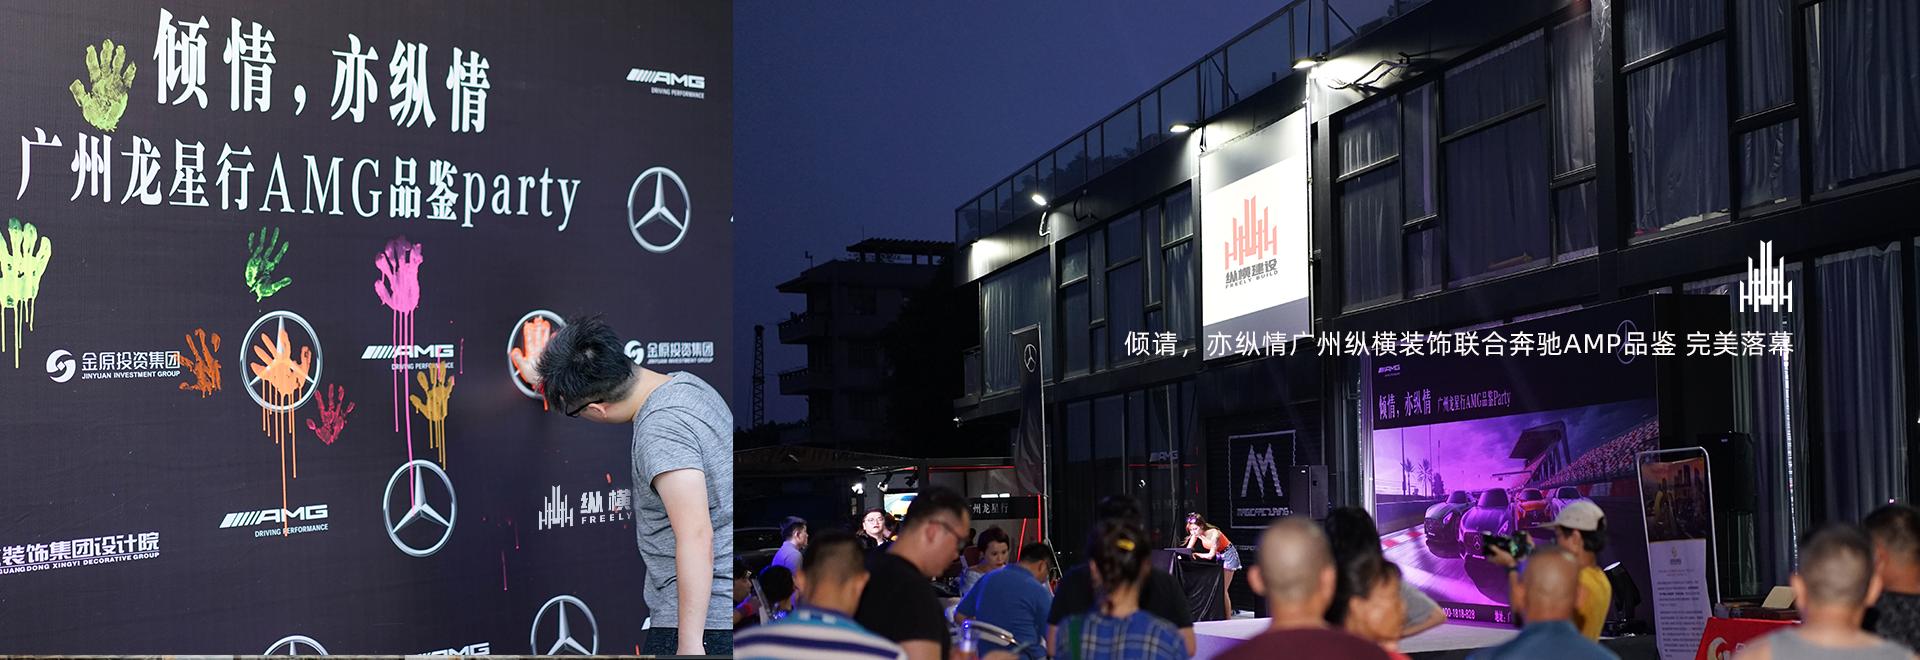 广东纵横建设设计工程有限公司异业联动